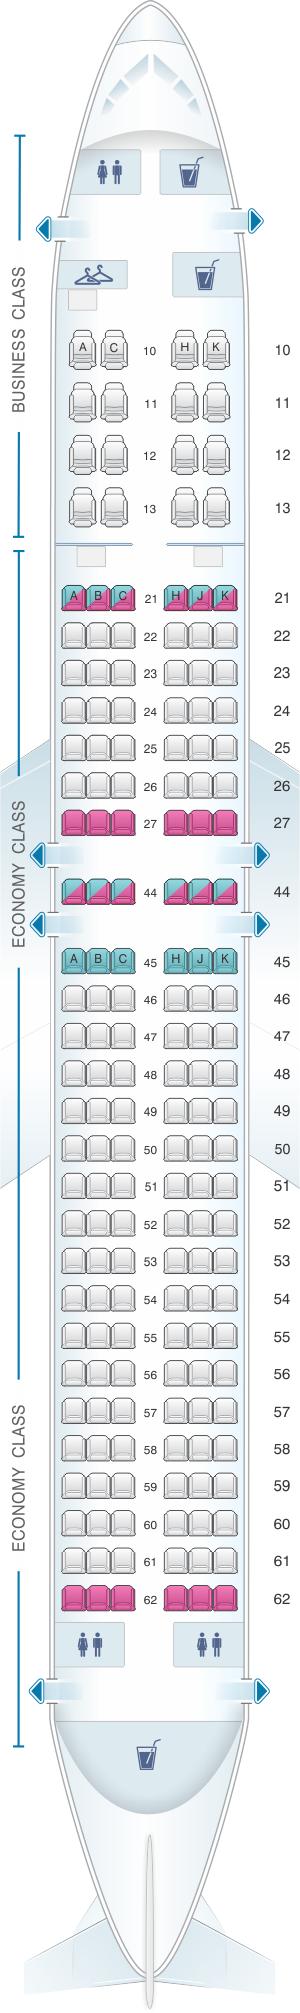 Seat map for El Al Israel Airlines Boeing B737 900ER